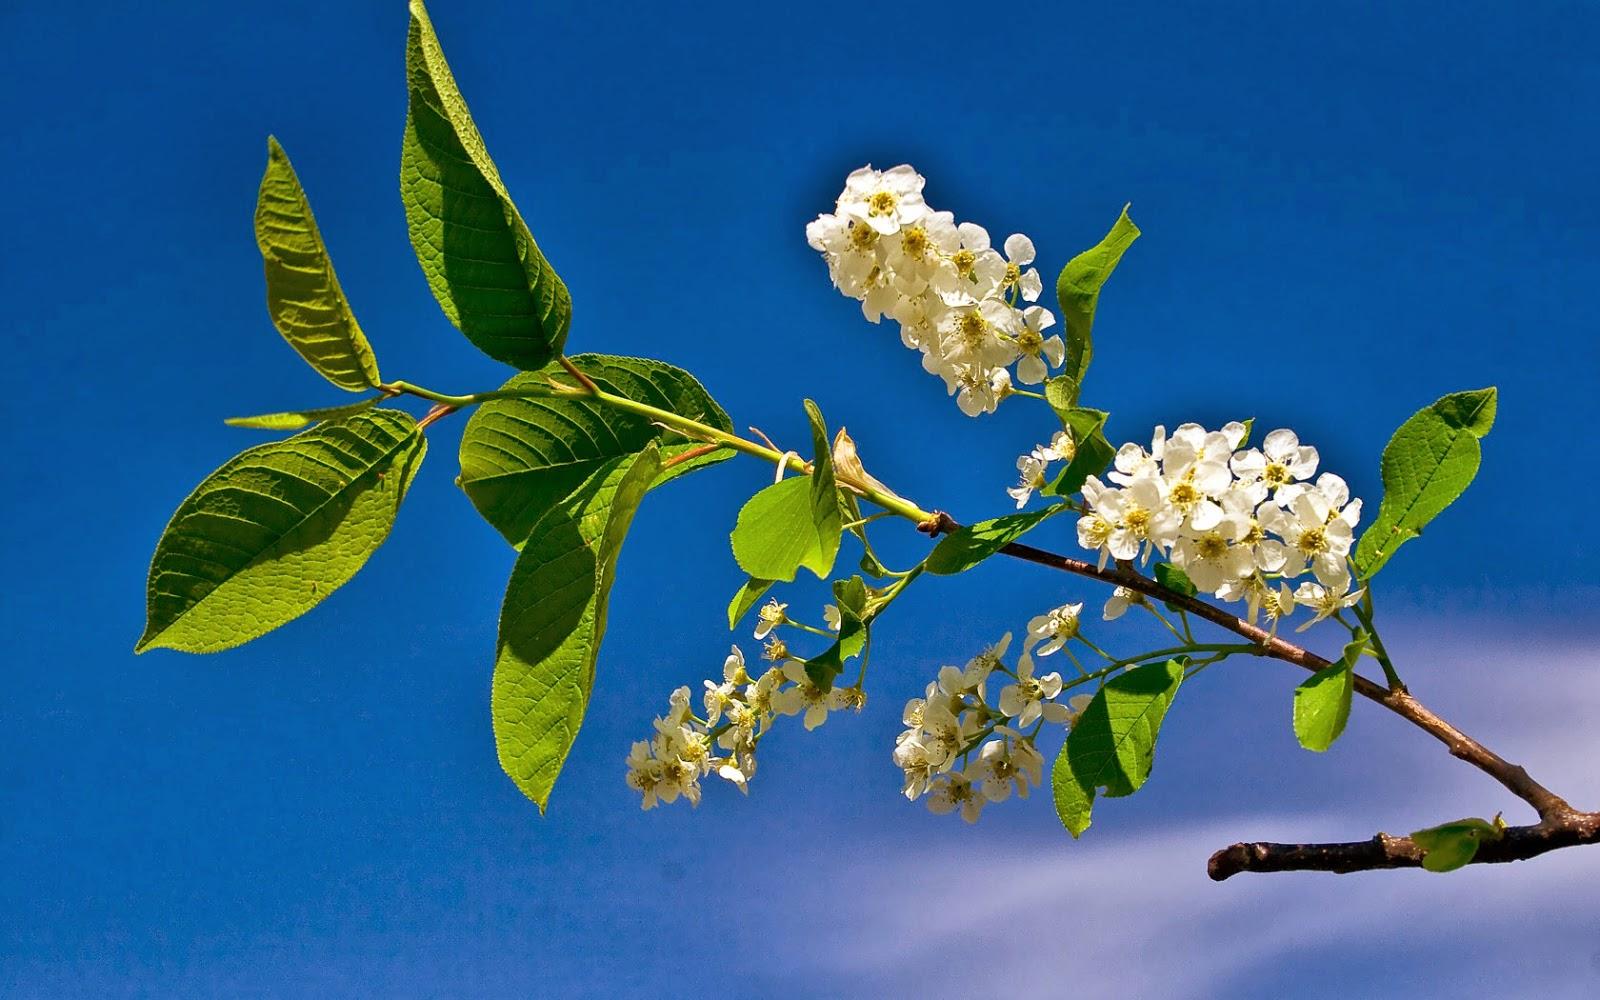 Witte bloemen aan een tak in de lente